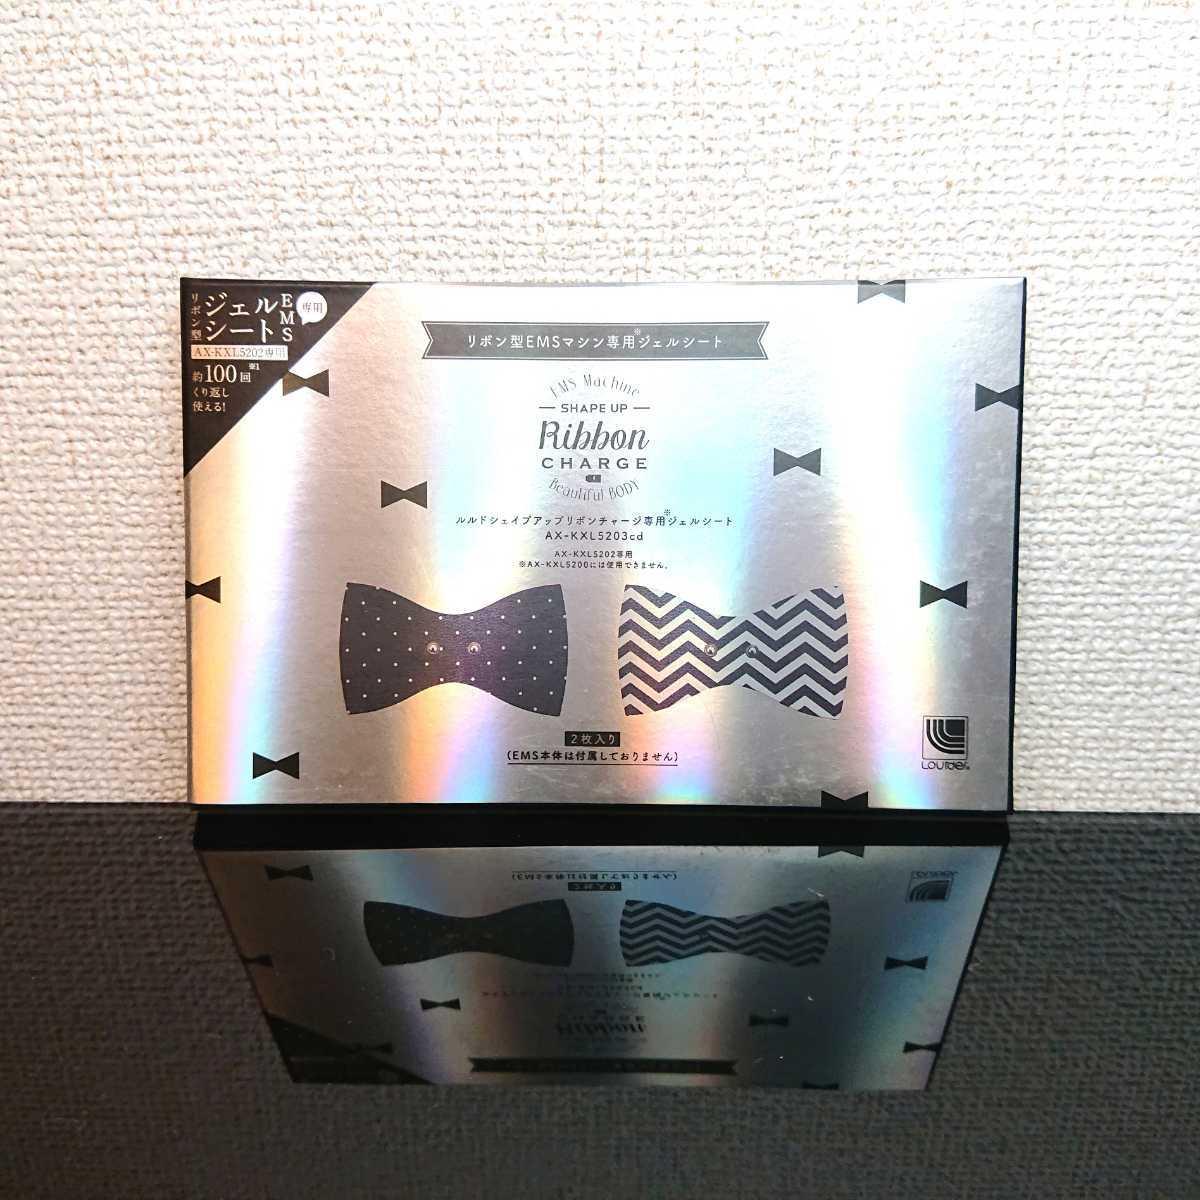 【ジェルシート2個付属】ルルド:シェイプアップリボンチャージAX-KXL5202_画像4